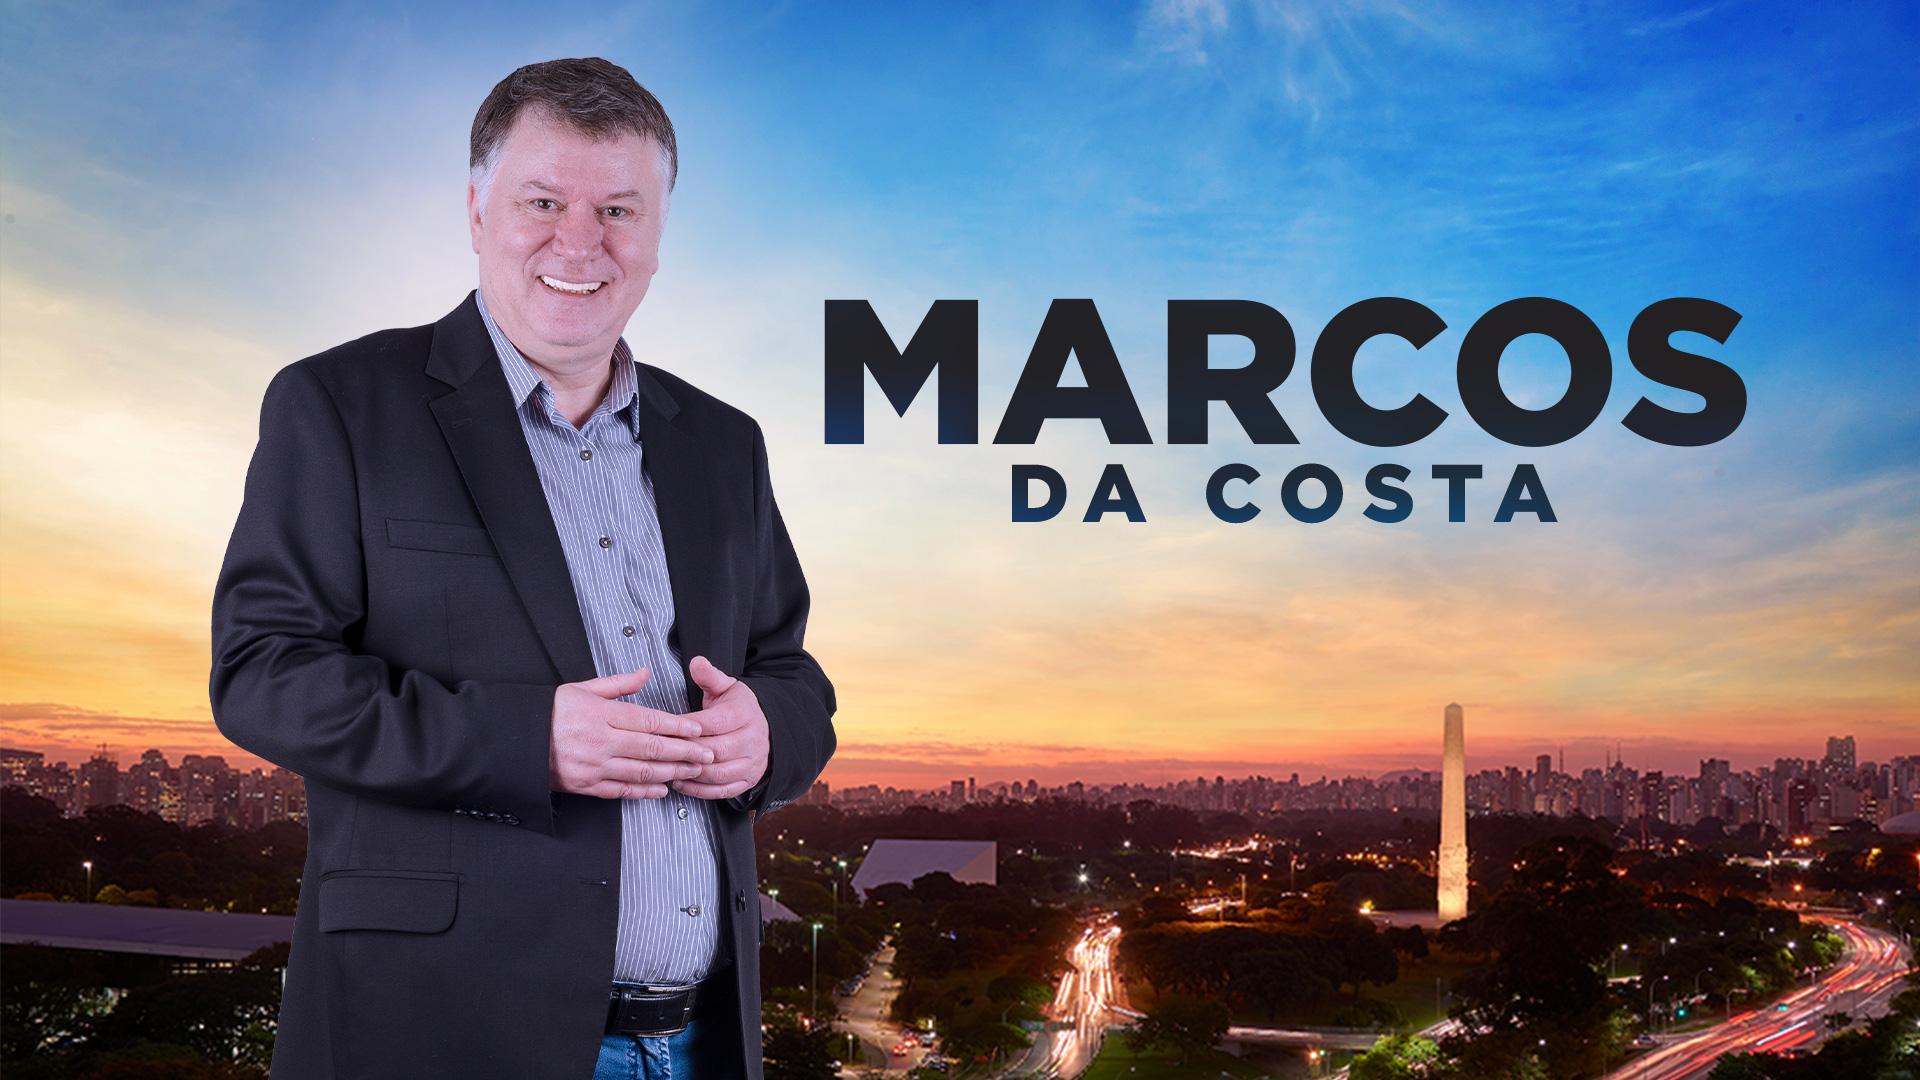 Marcos da Costa